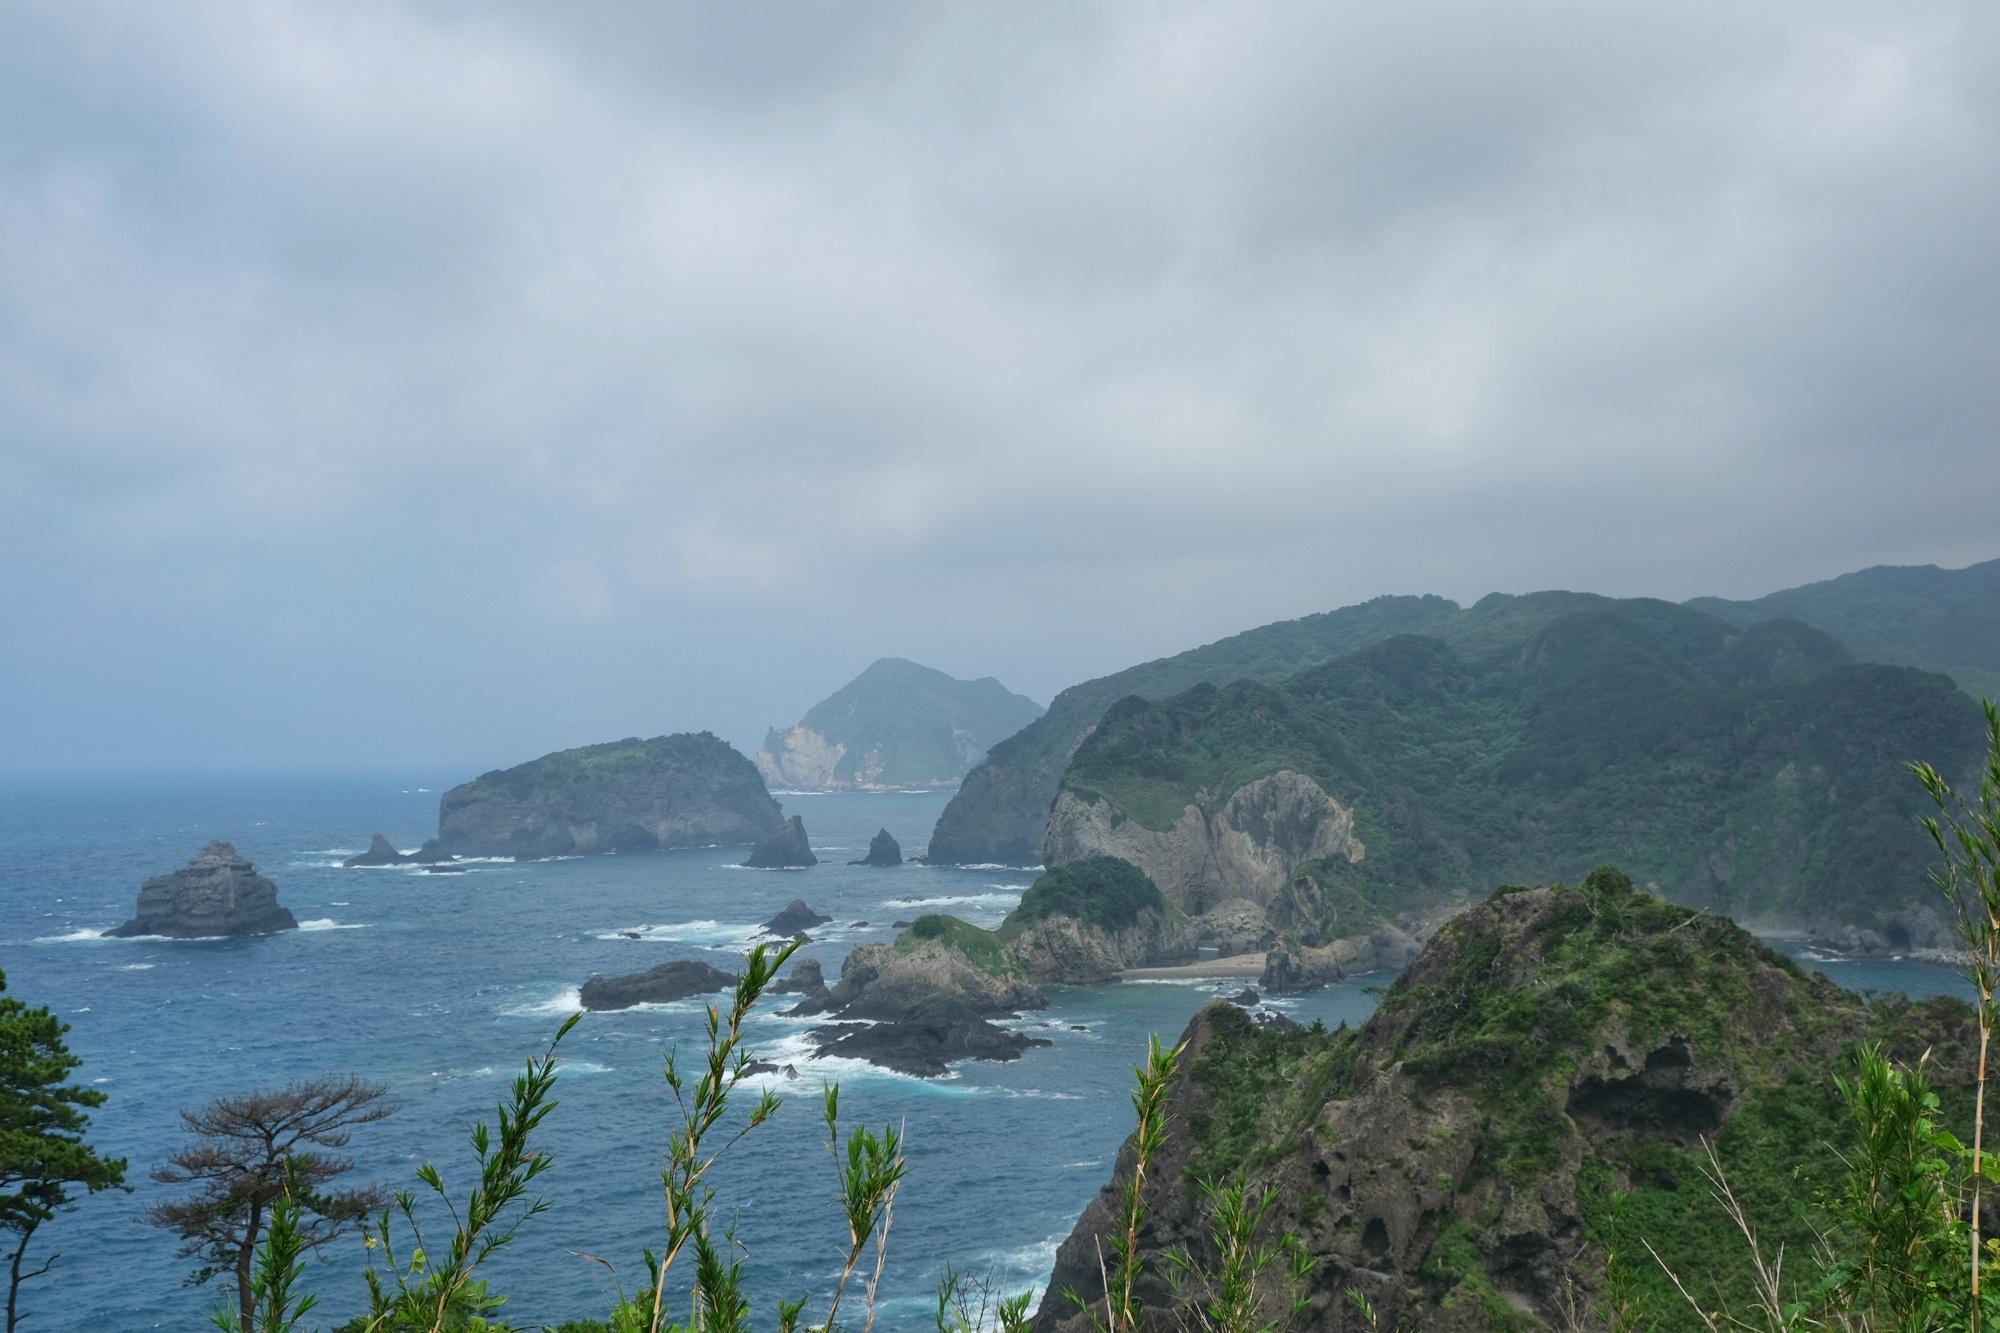 Vue de la côte depuis le parc Yusuge